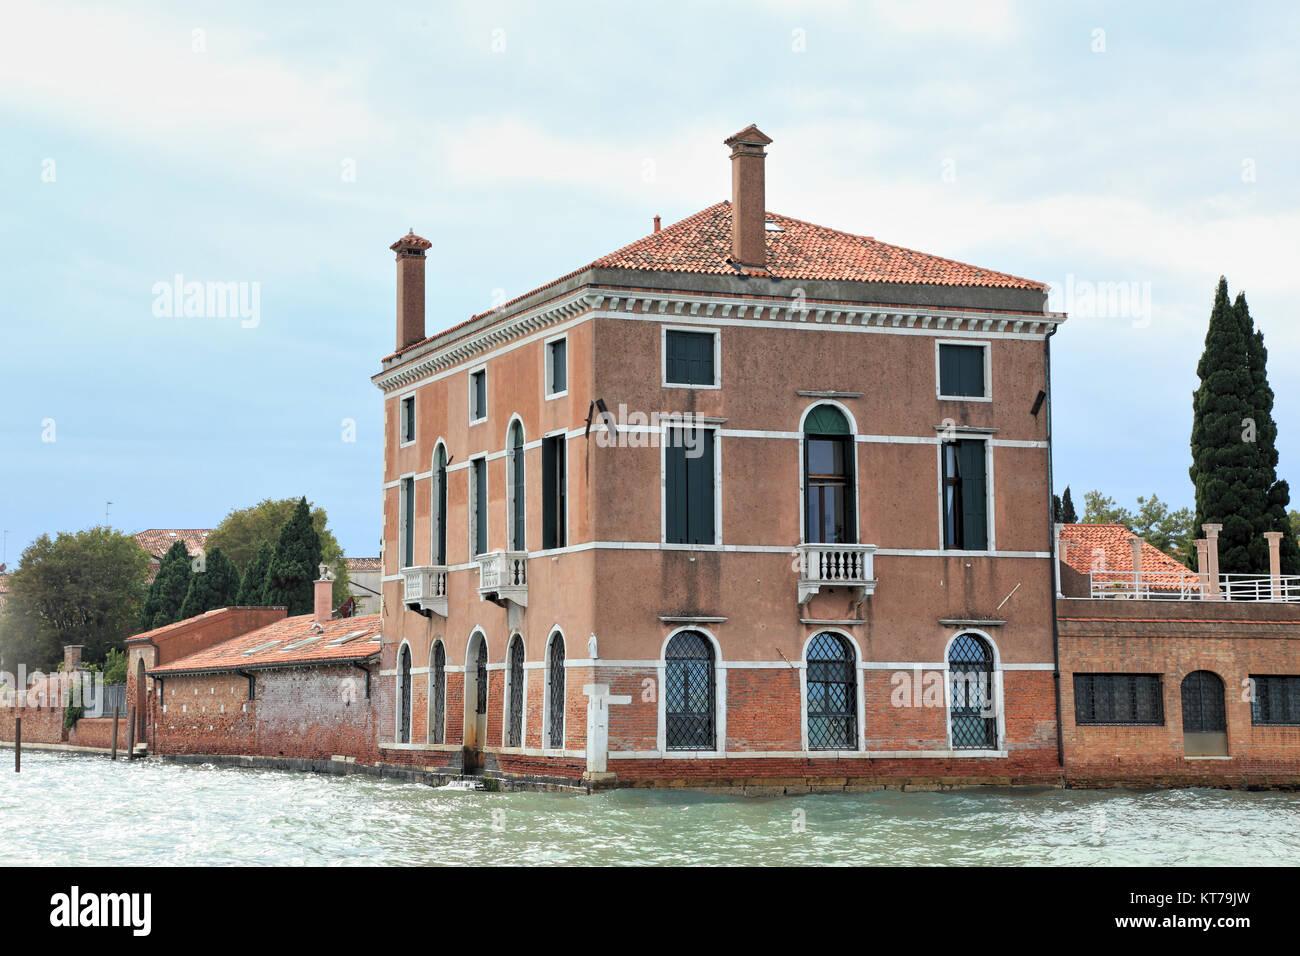 Casino degli spiriti venezia